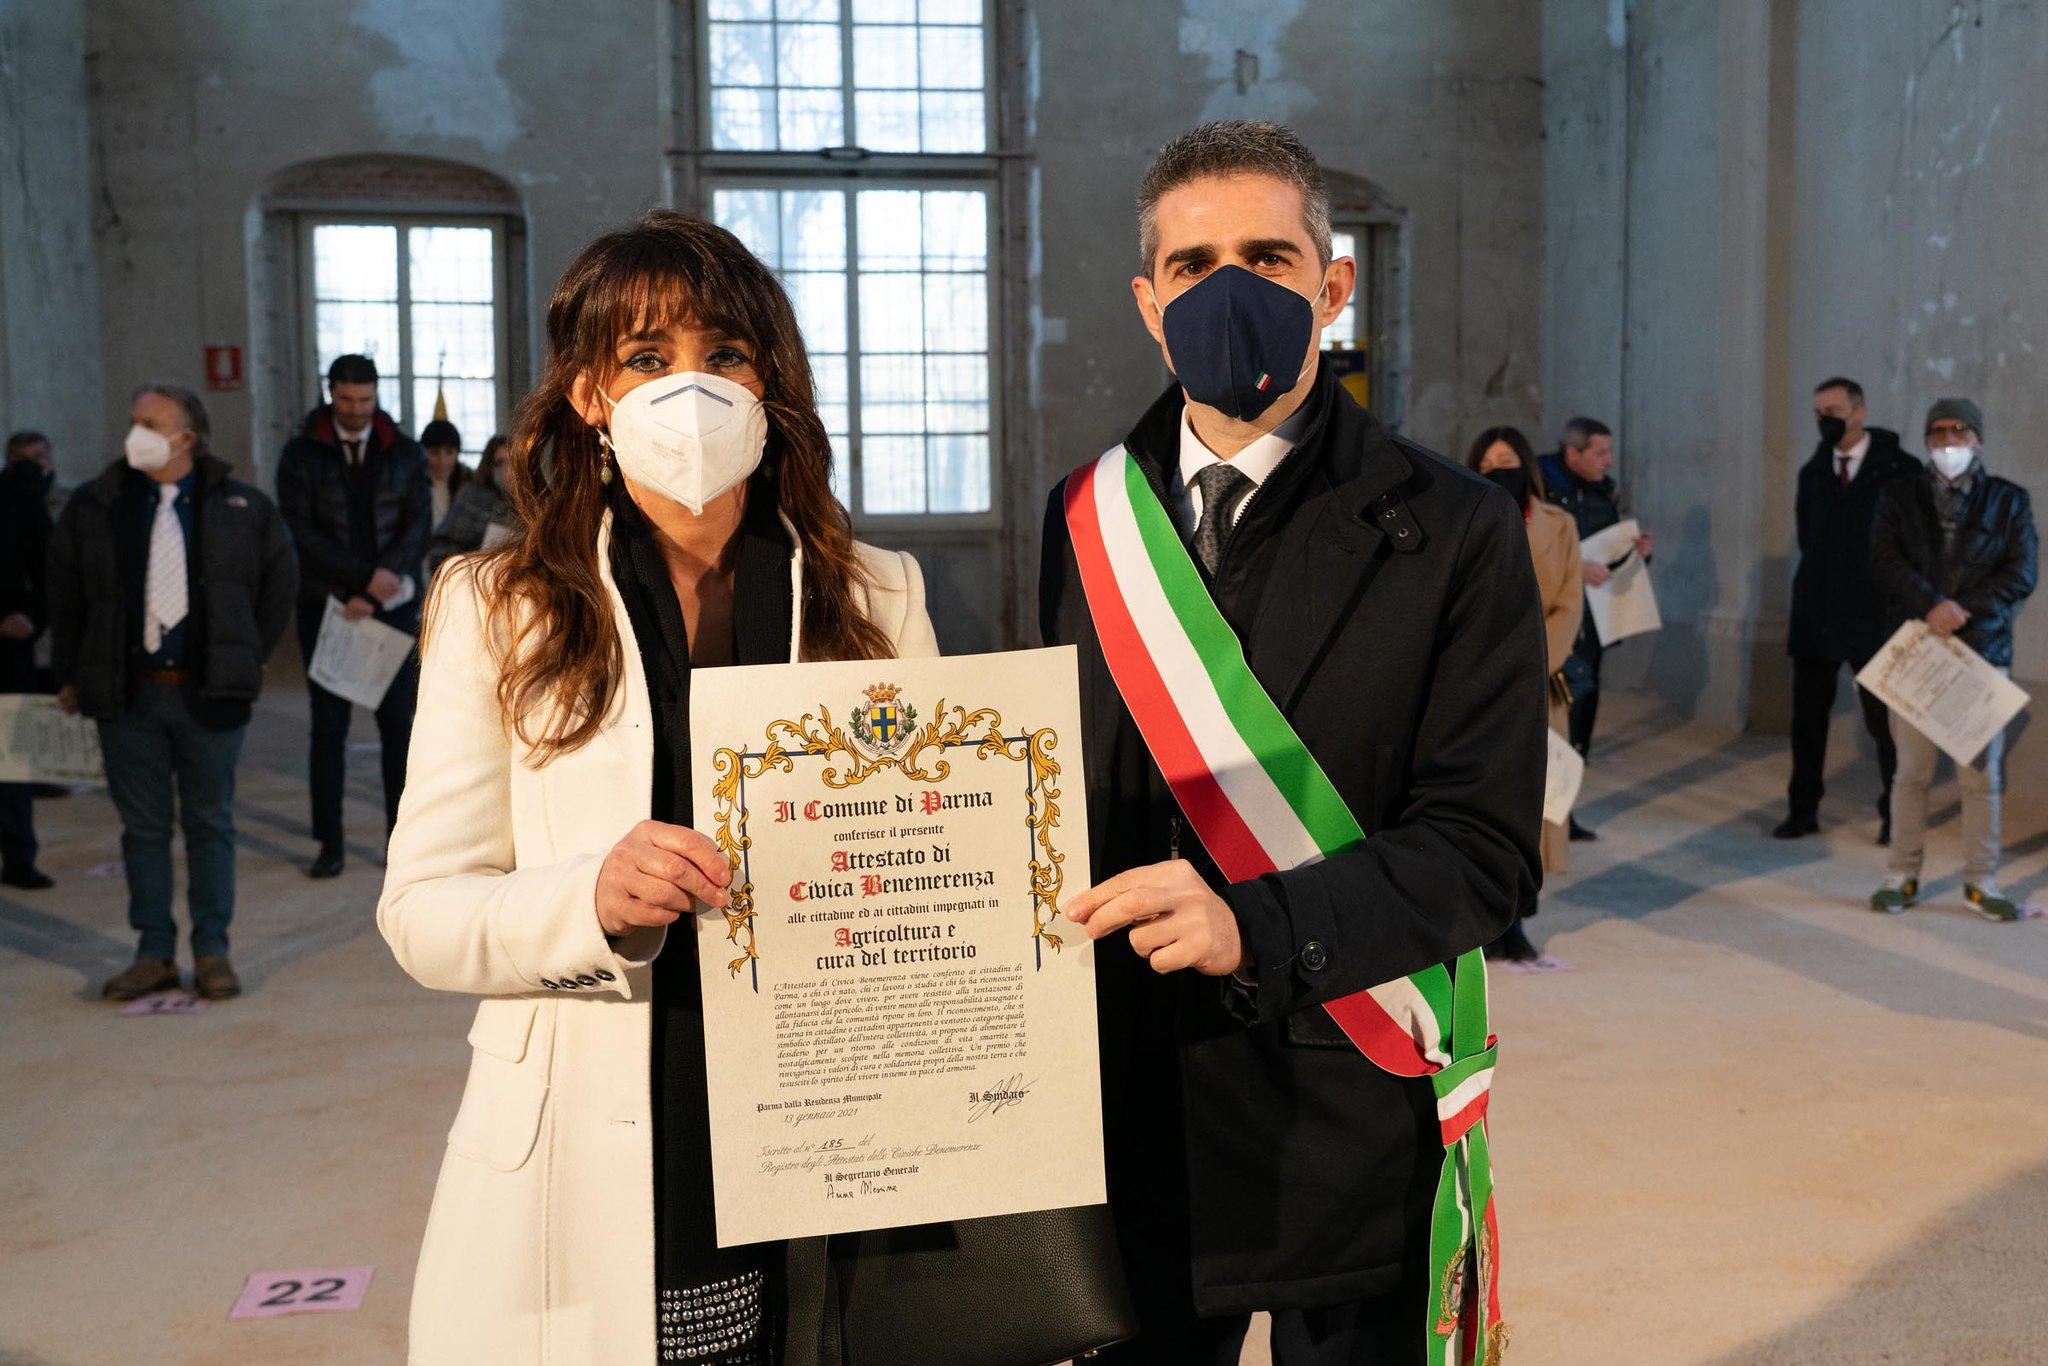 Agricoltura e cura del territorio - Manuela Ponzi